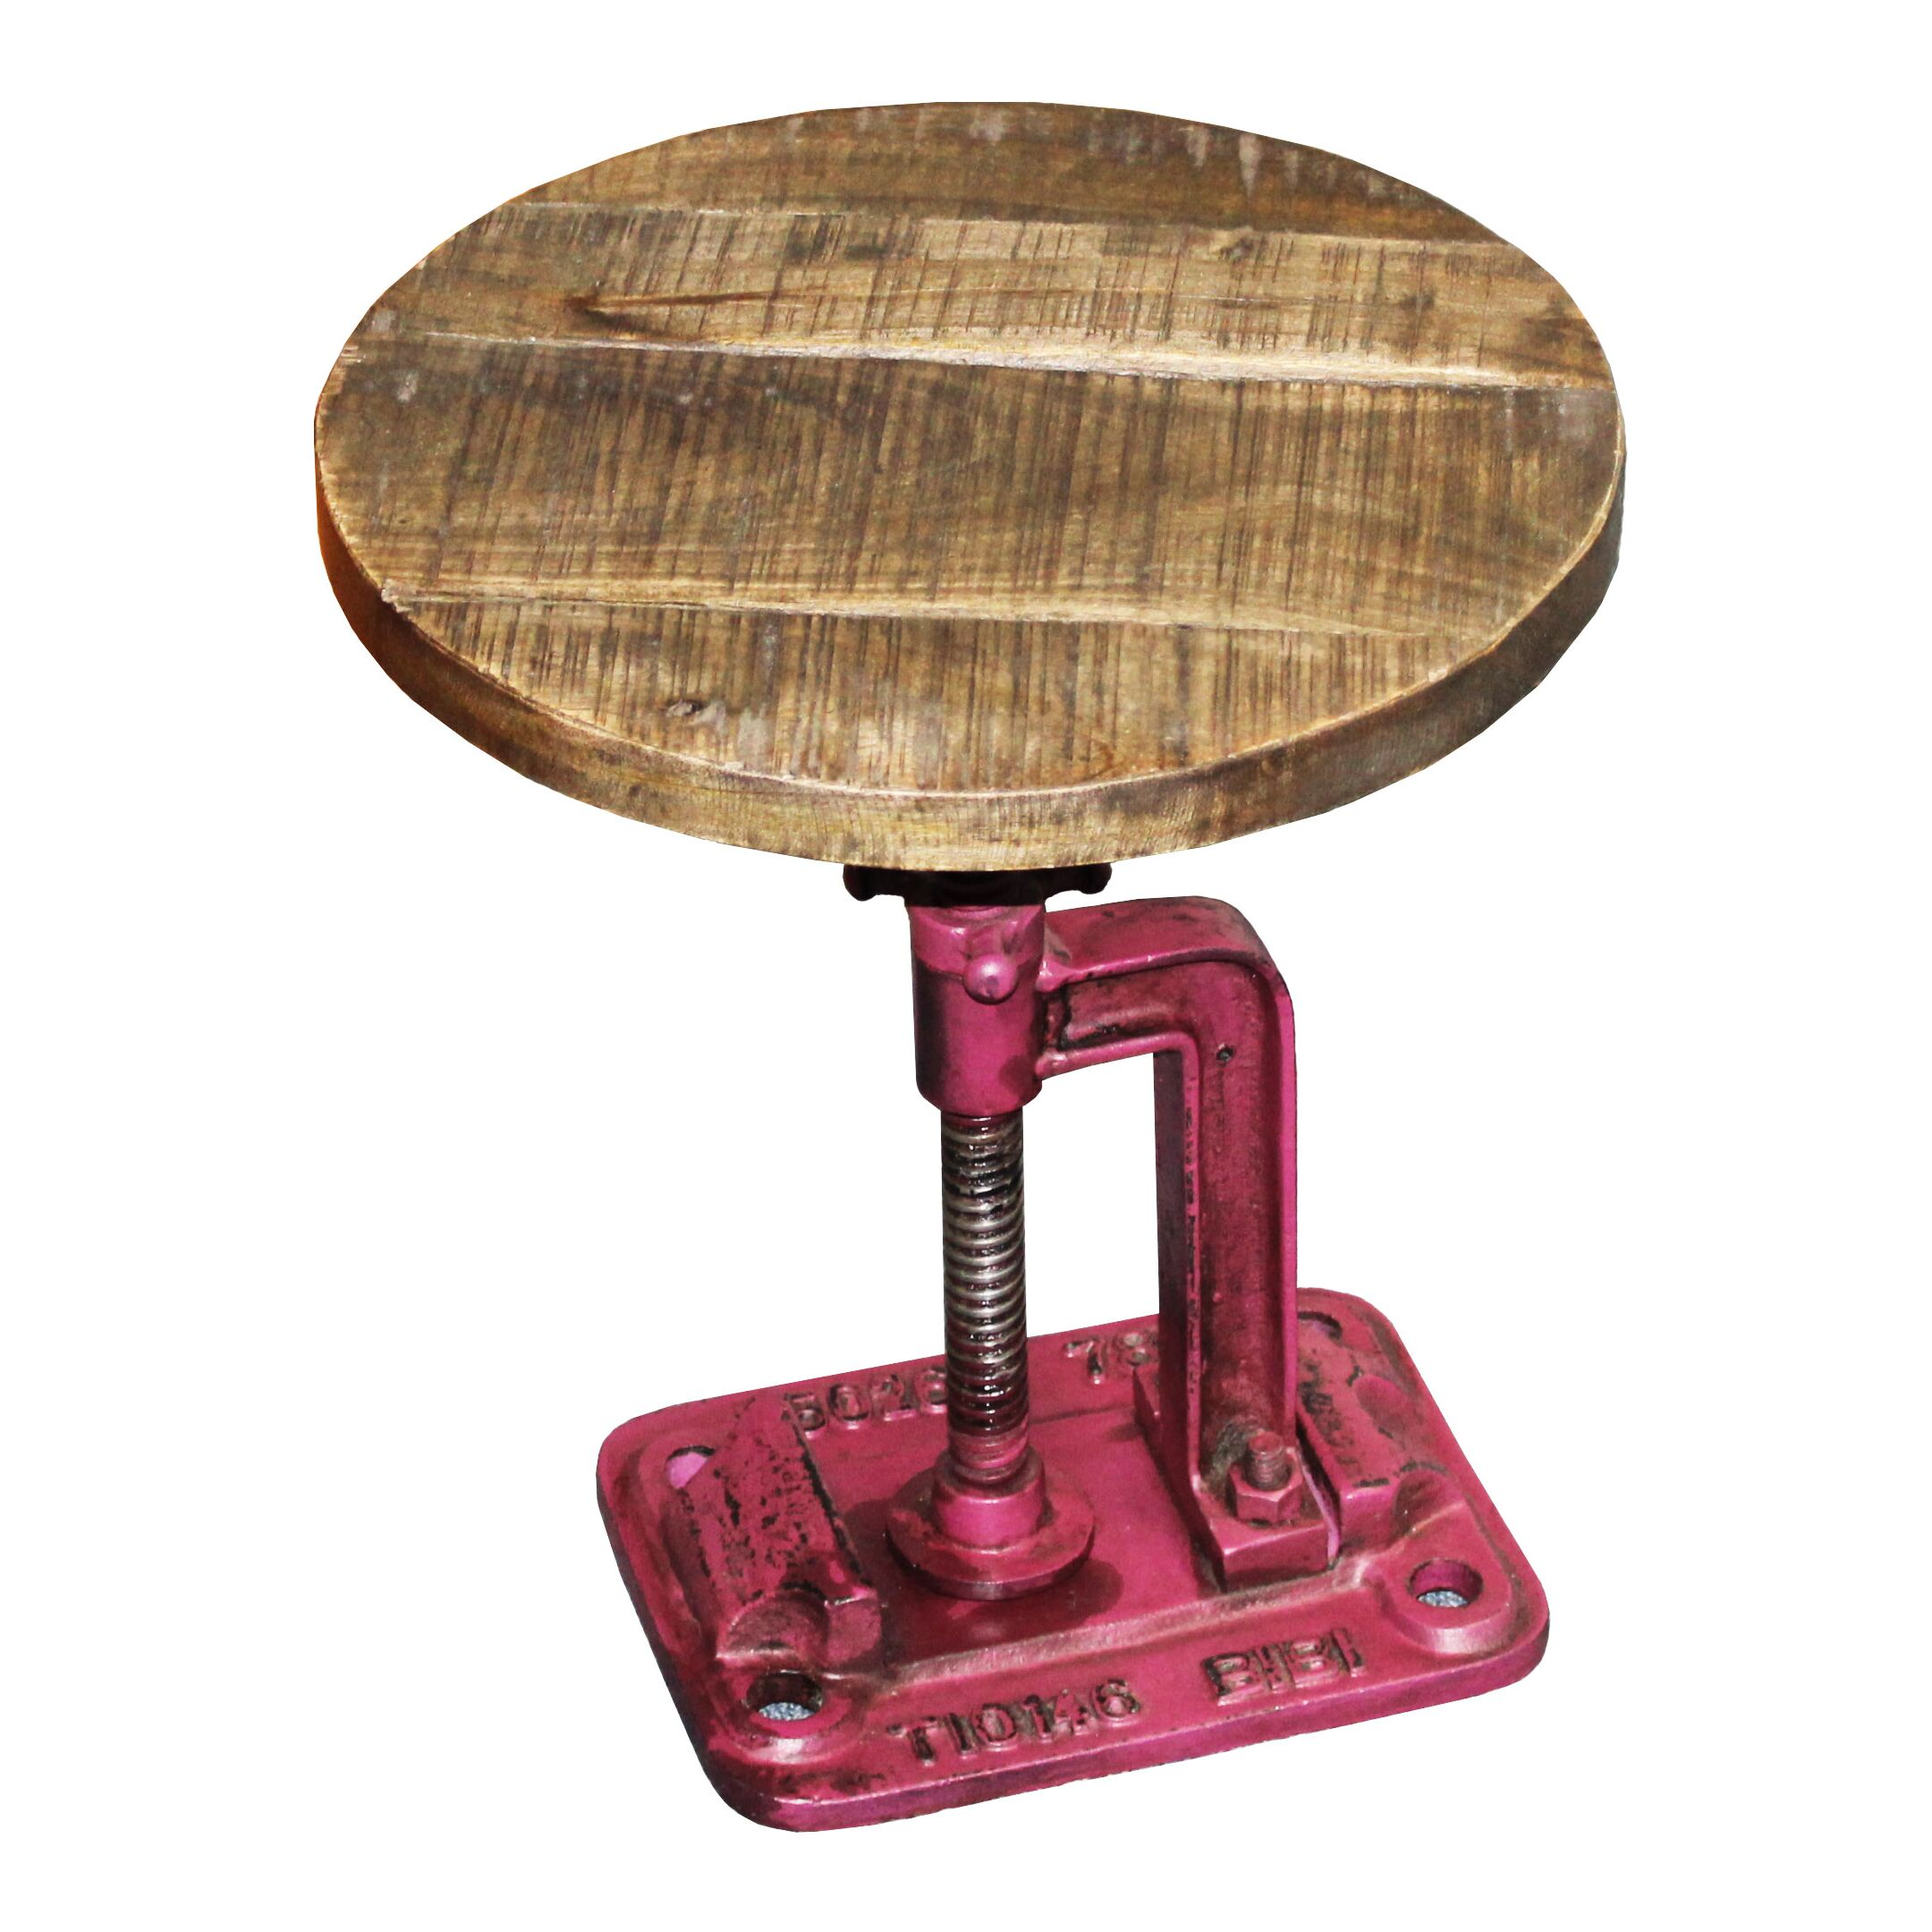 Mishler End Table